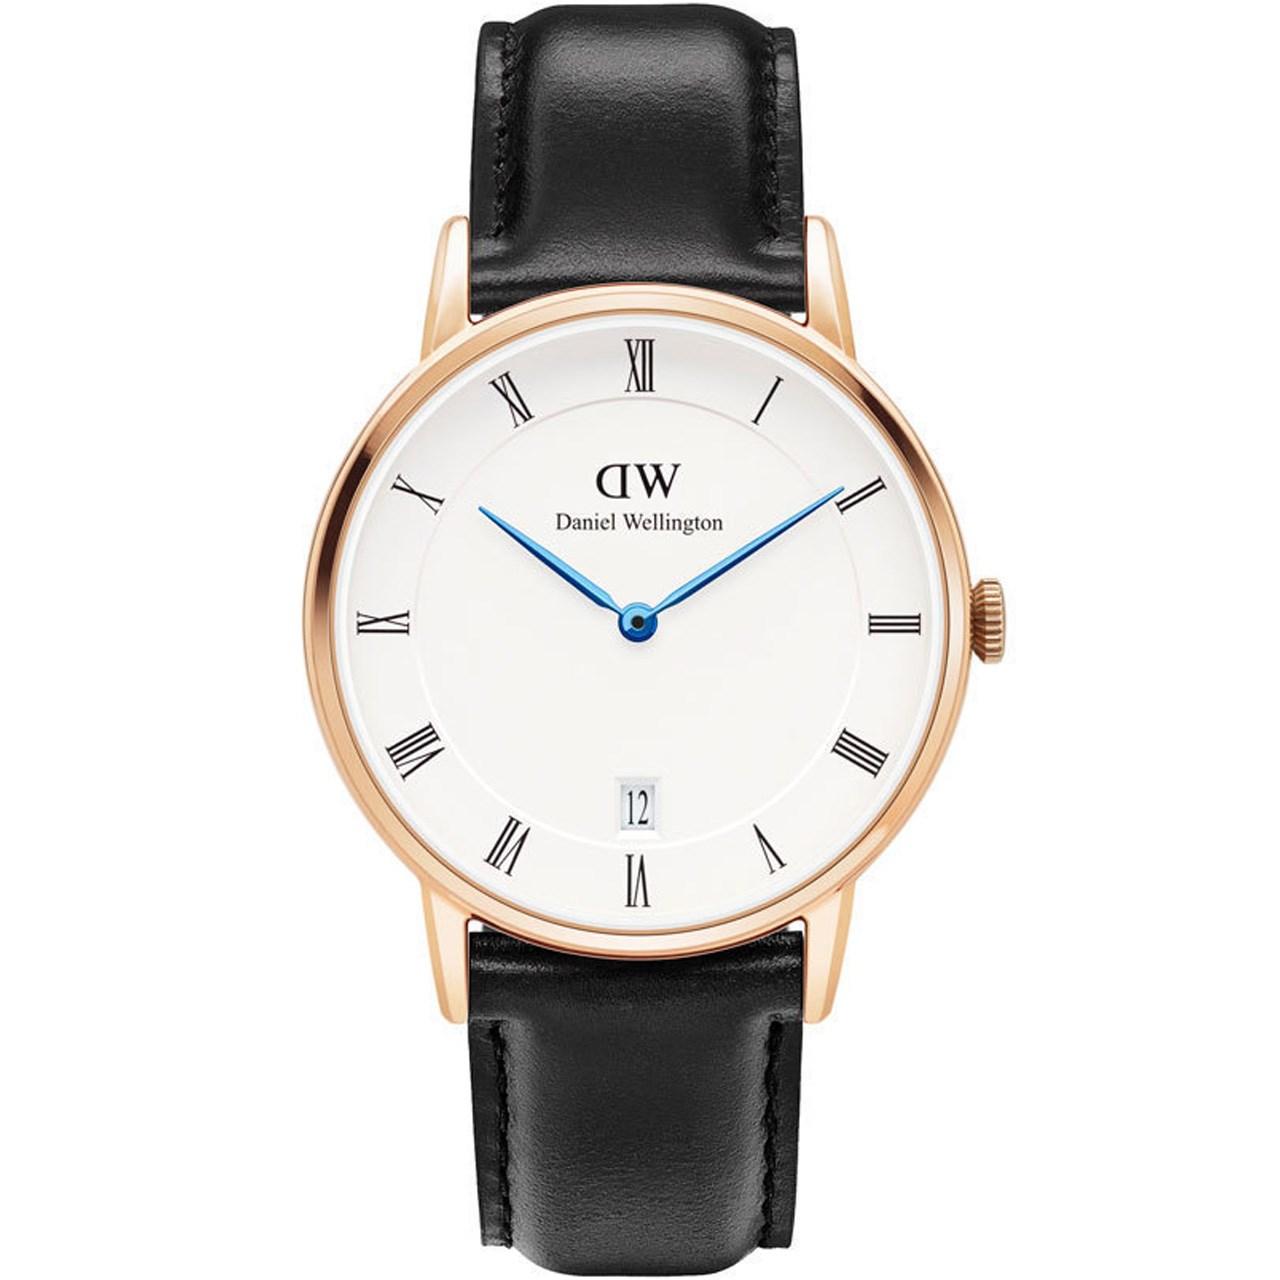 ساعت مچی عقربه ای زنانه دنیل ولینگتون مدل DW00100092